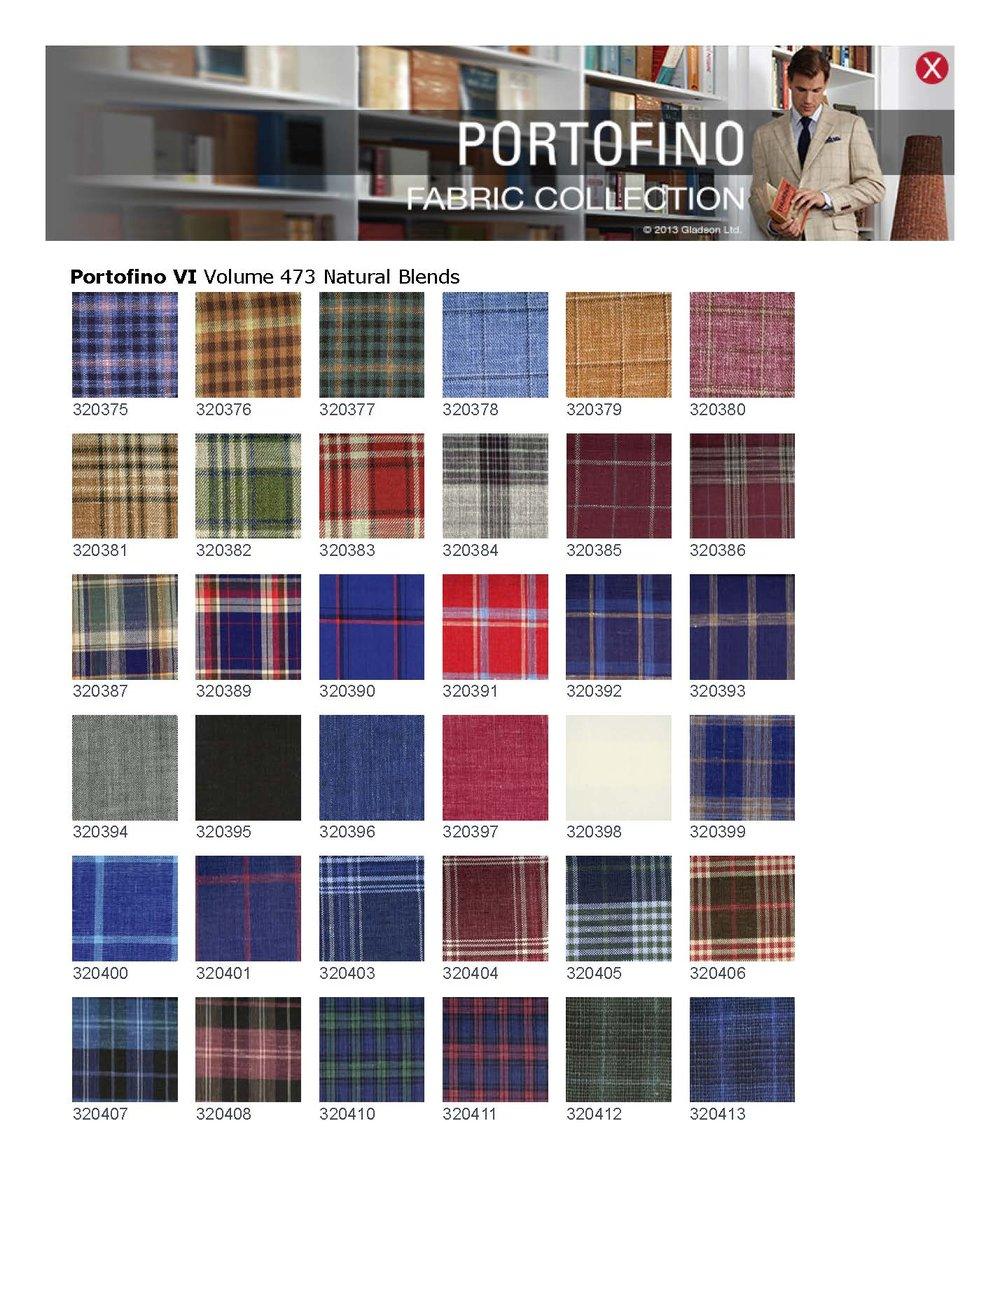 Portofino Fabric collection_Page_1.jpg